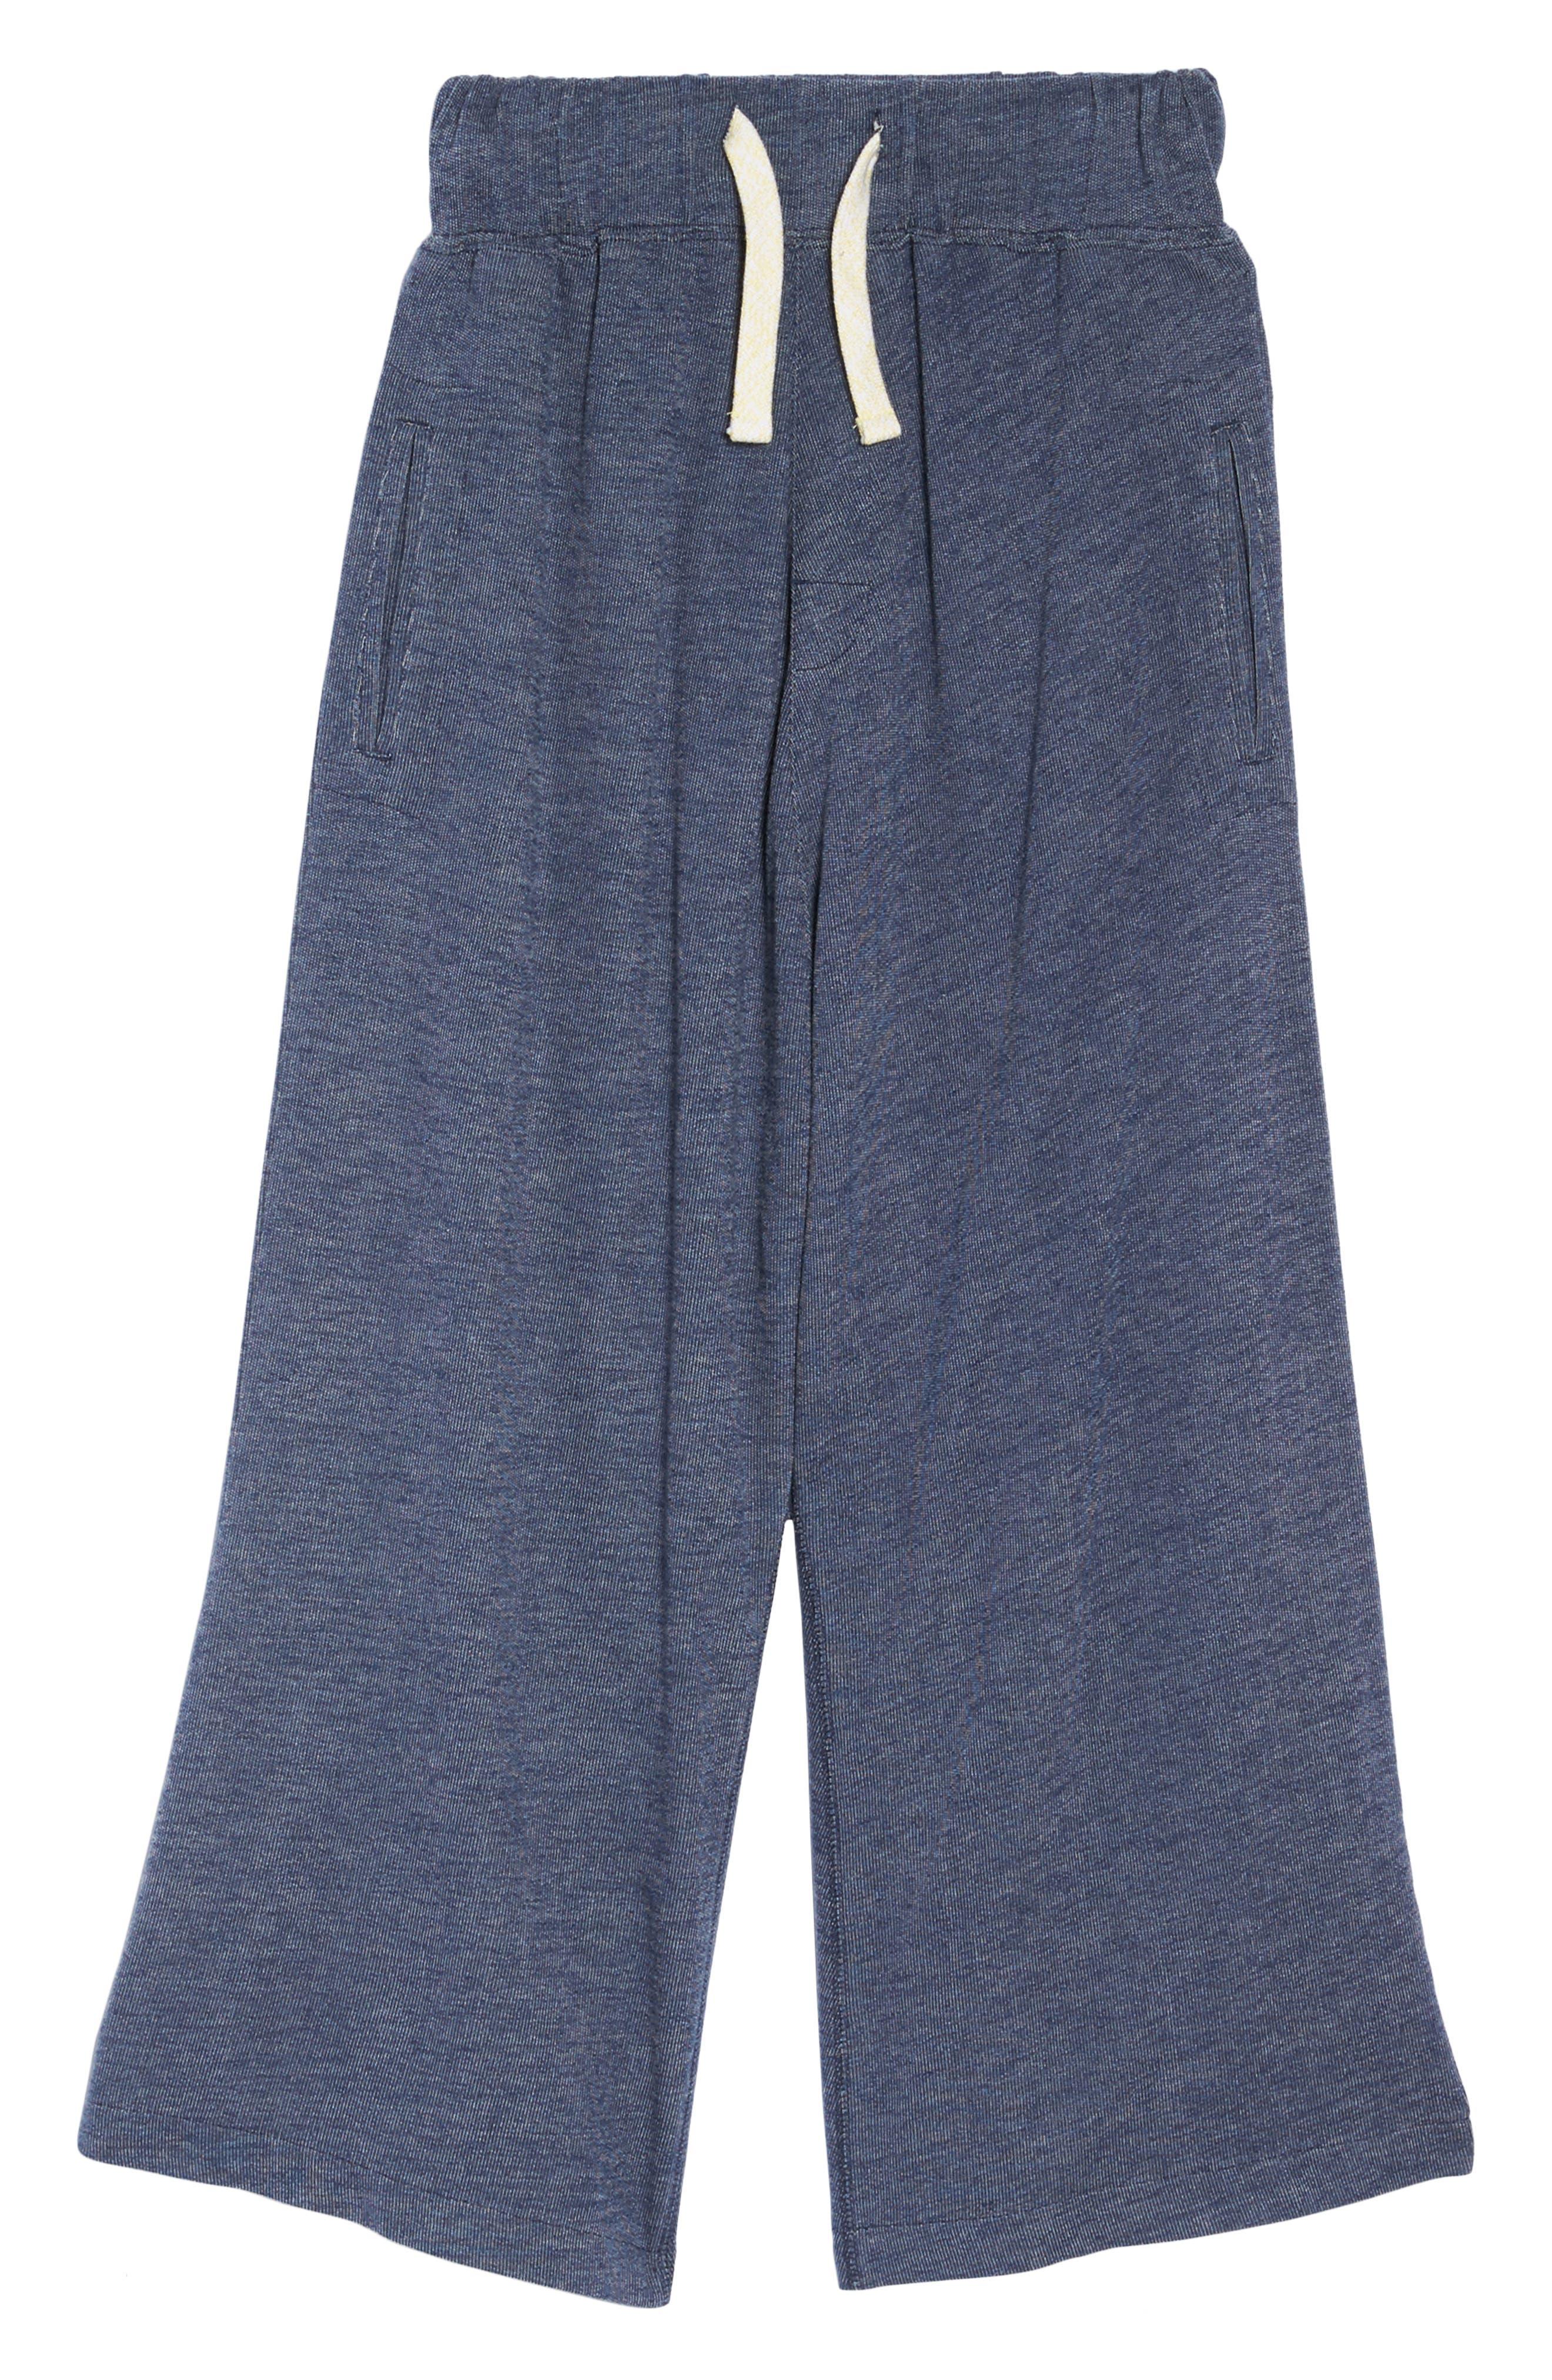 Brit Lounge Pants,                             Alternate thumbnail 6, color,                             400